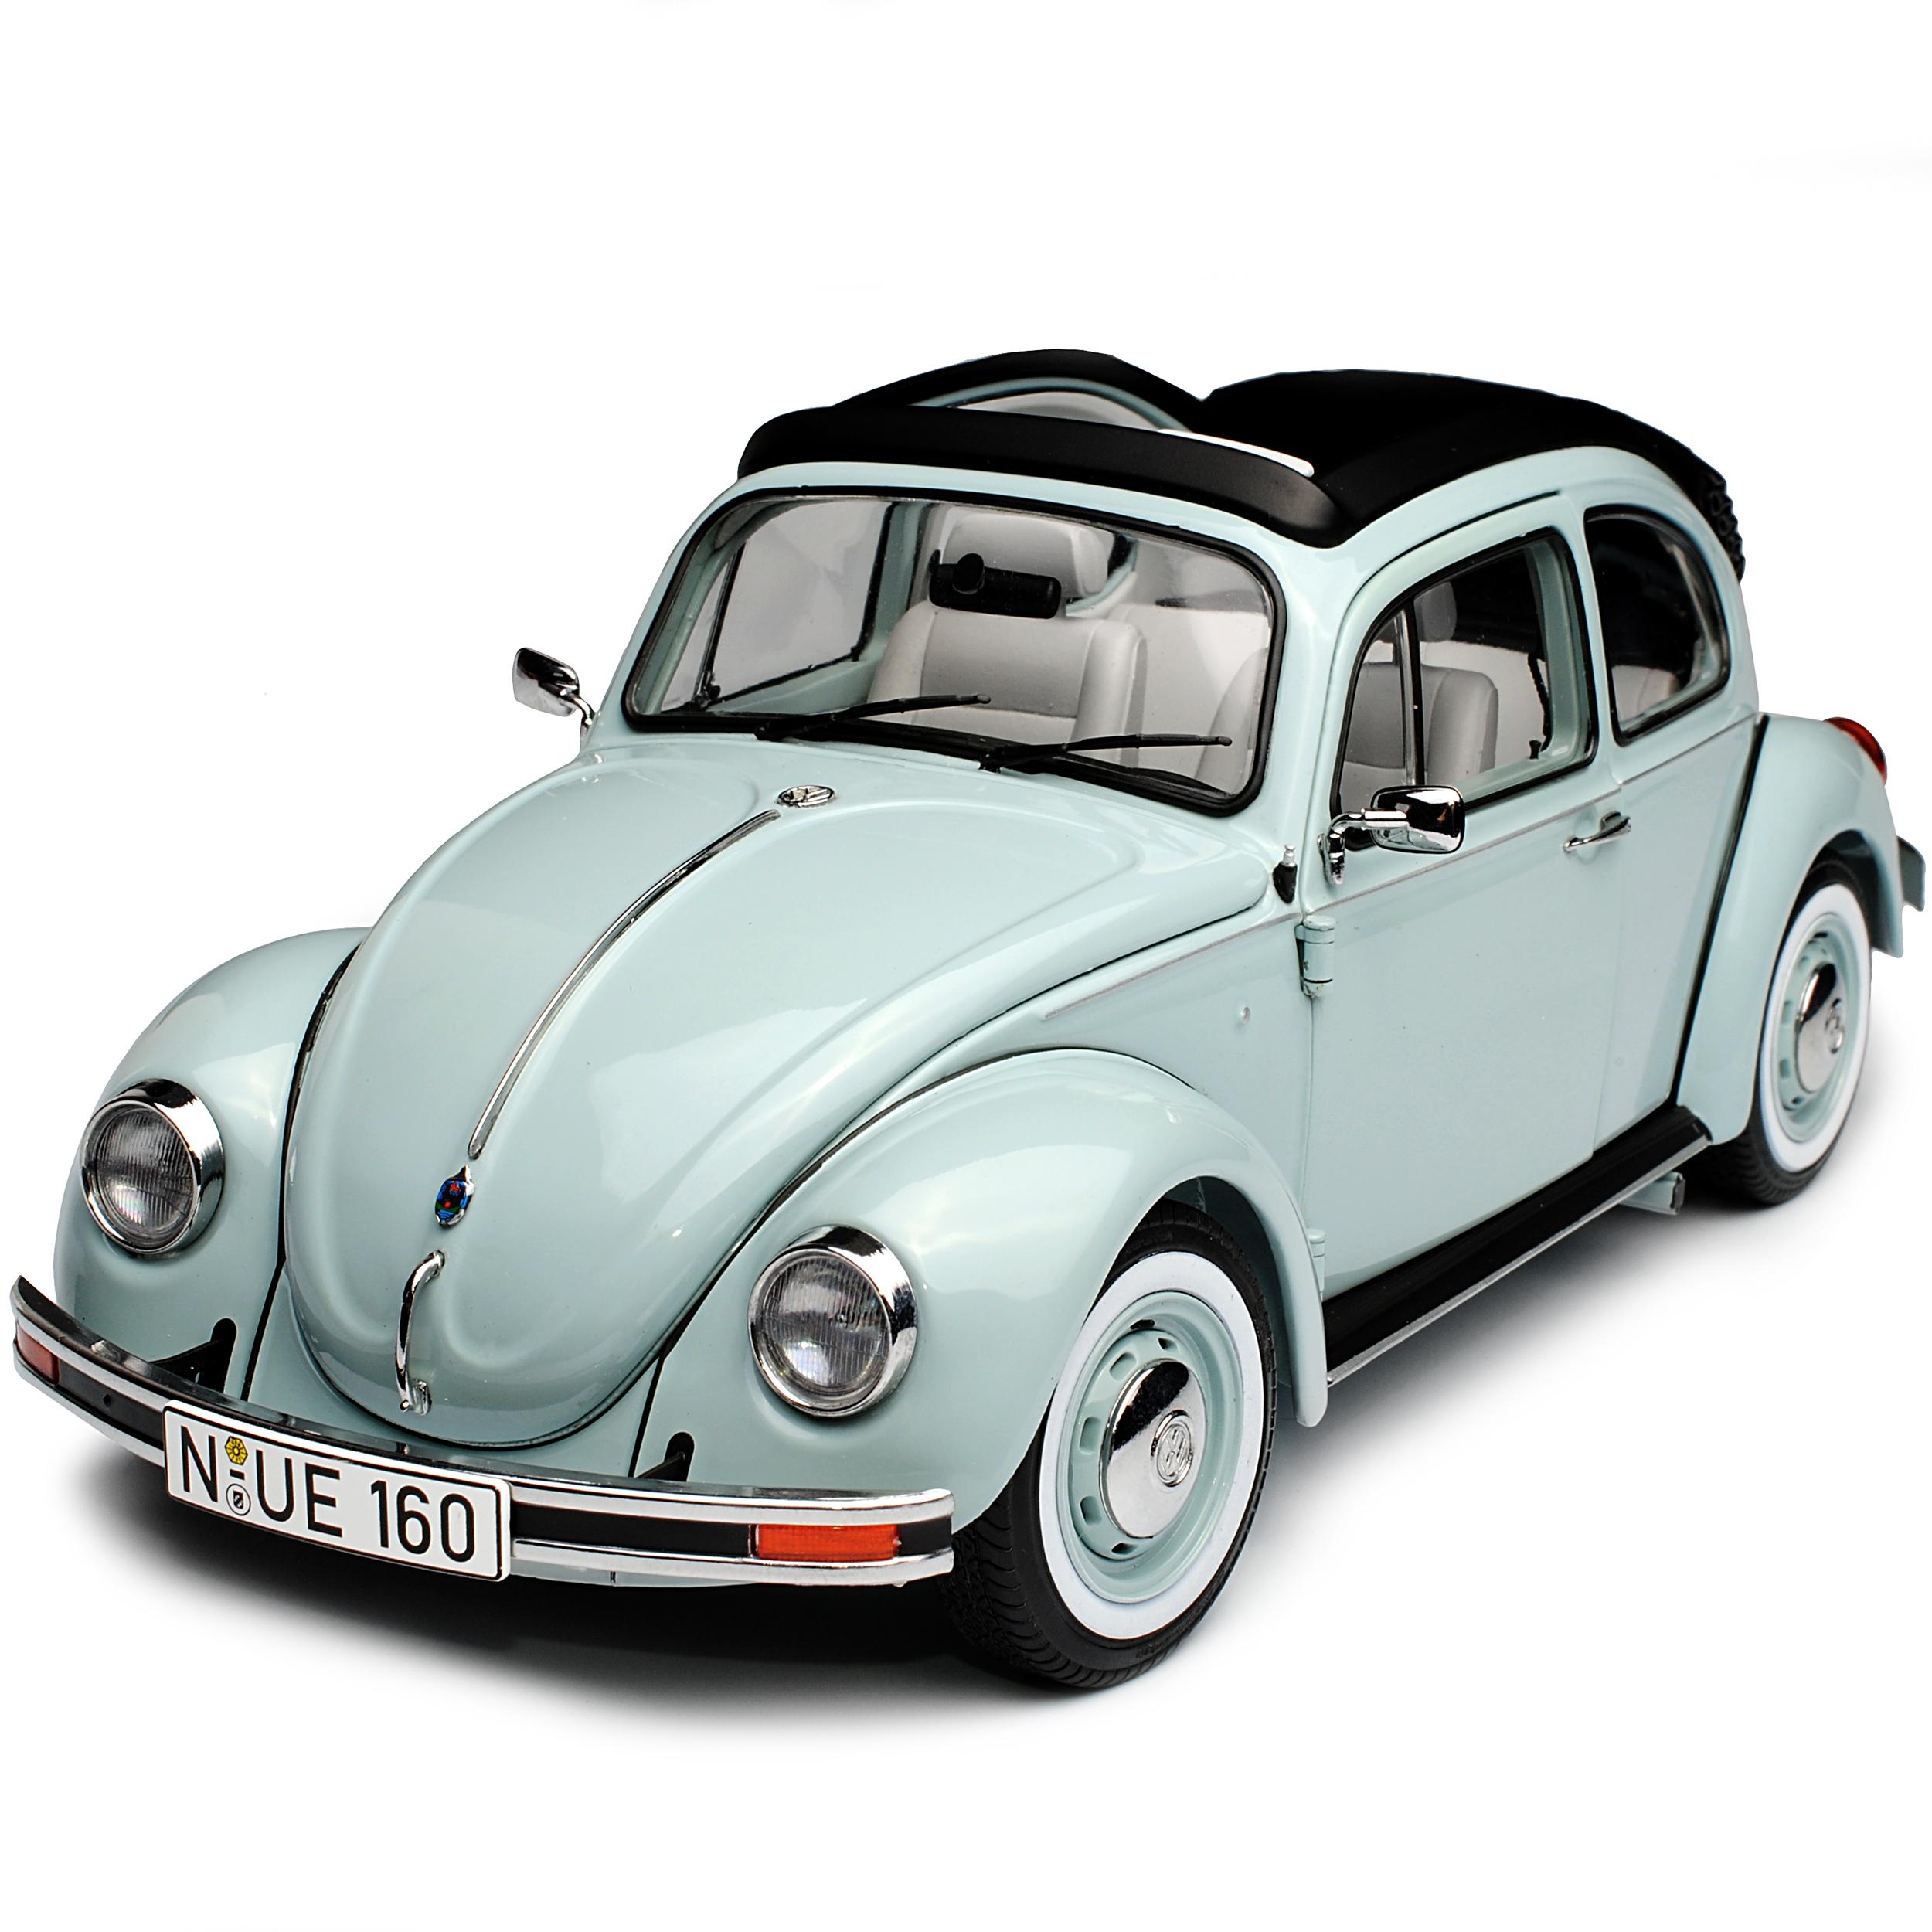 VW Volkswagen Coccinelle avec Soft toit 1600 i Ultima Final Final Final Edition 2003 gris bleu 1.. c2cb79